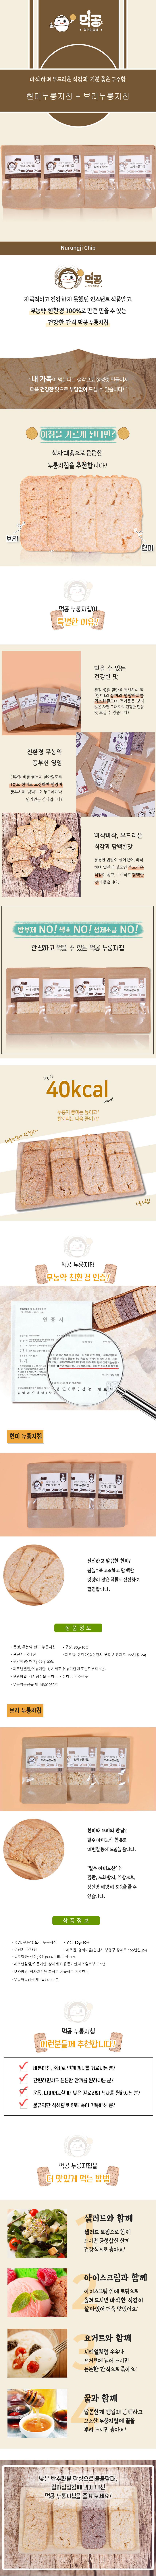 meokgong_page_hyenmi+bory.jpg